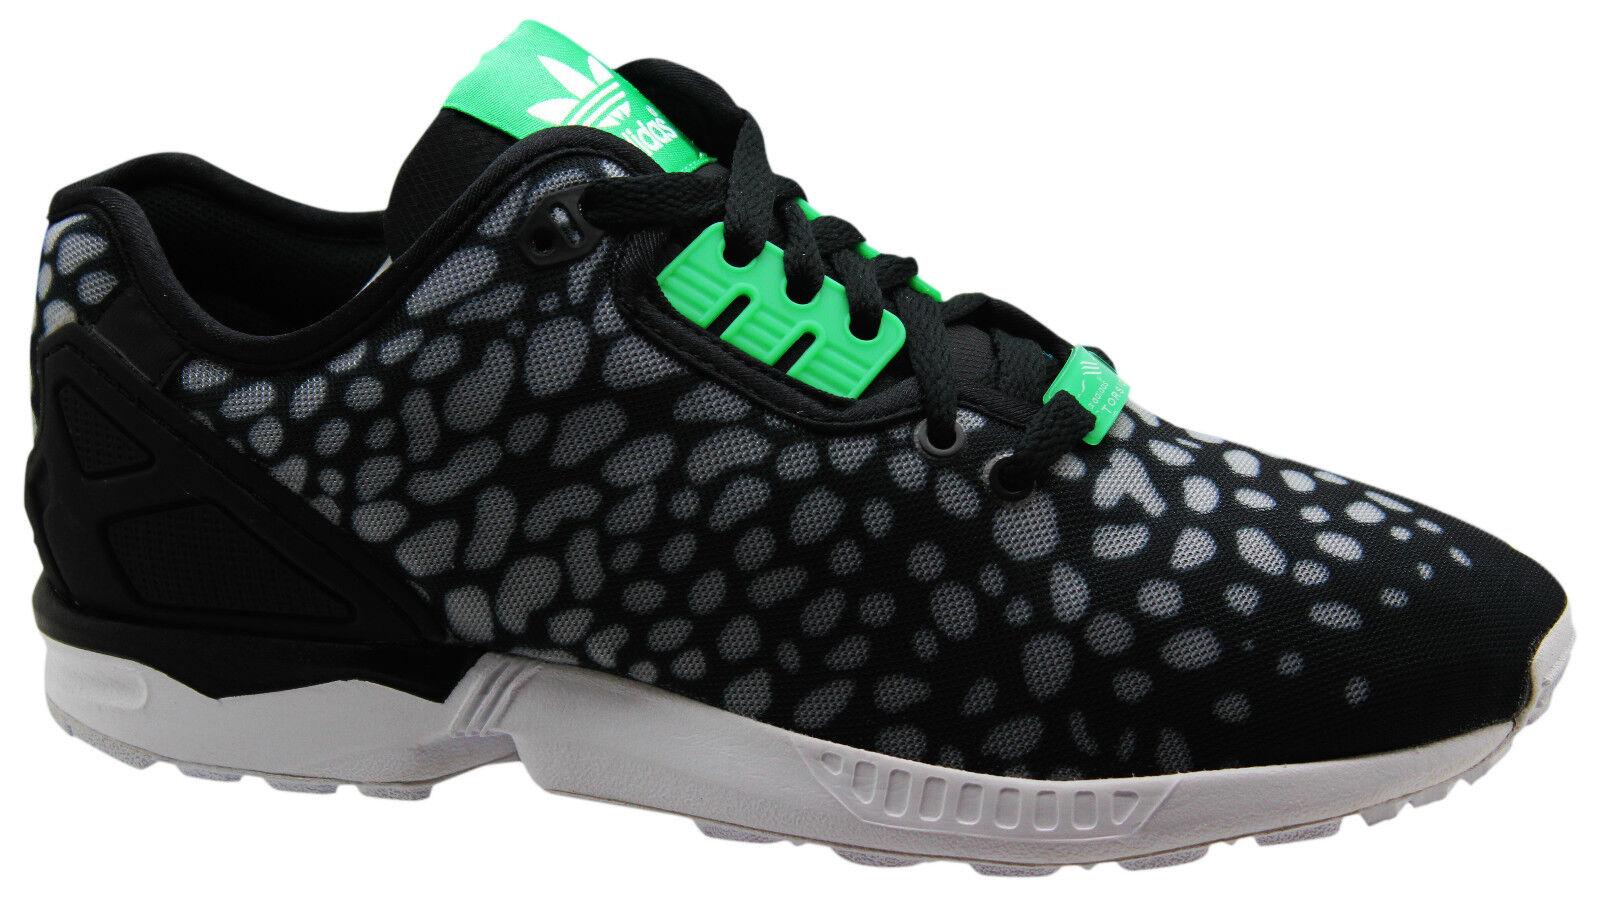 Adidas originali zx flusso decontaminazione delle donne nere u119 merletto b34029 formatori | Up-to-date Styling  | Scolaro/Ragazze Scarpa